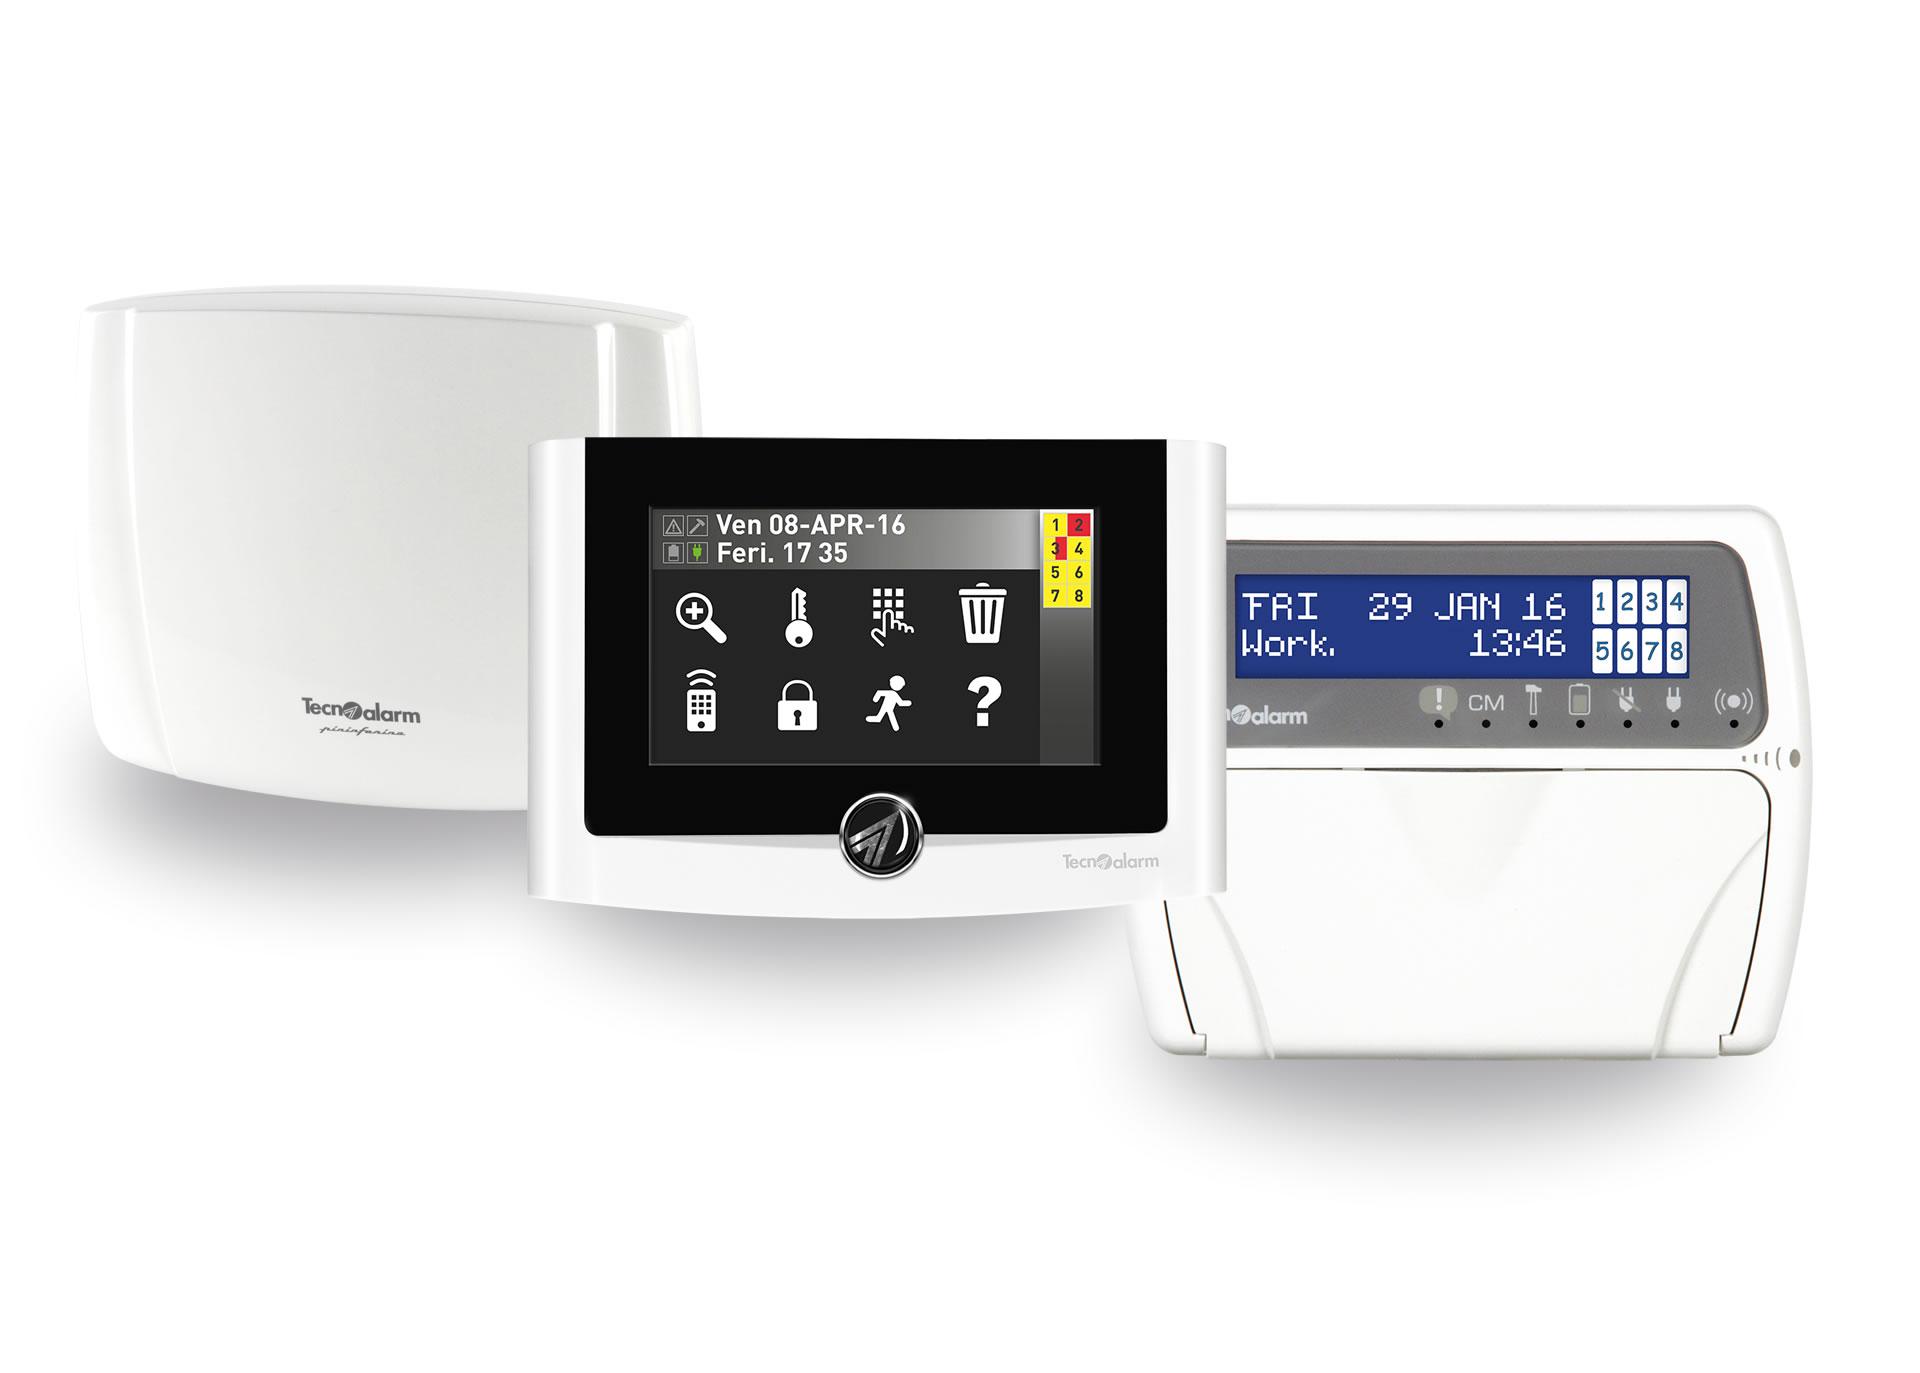 Allarme casa siena poggibonsi allarme senza fili siena allarmi per la casa antintrusione esterno - Installazione allarme casa ...